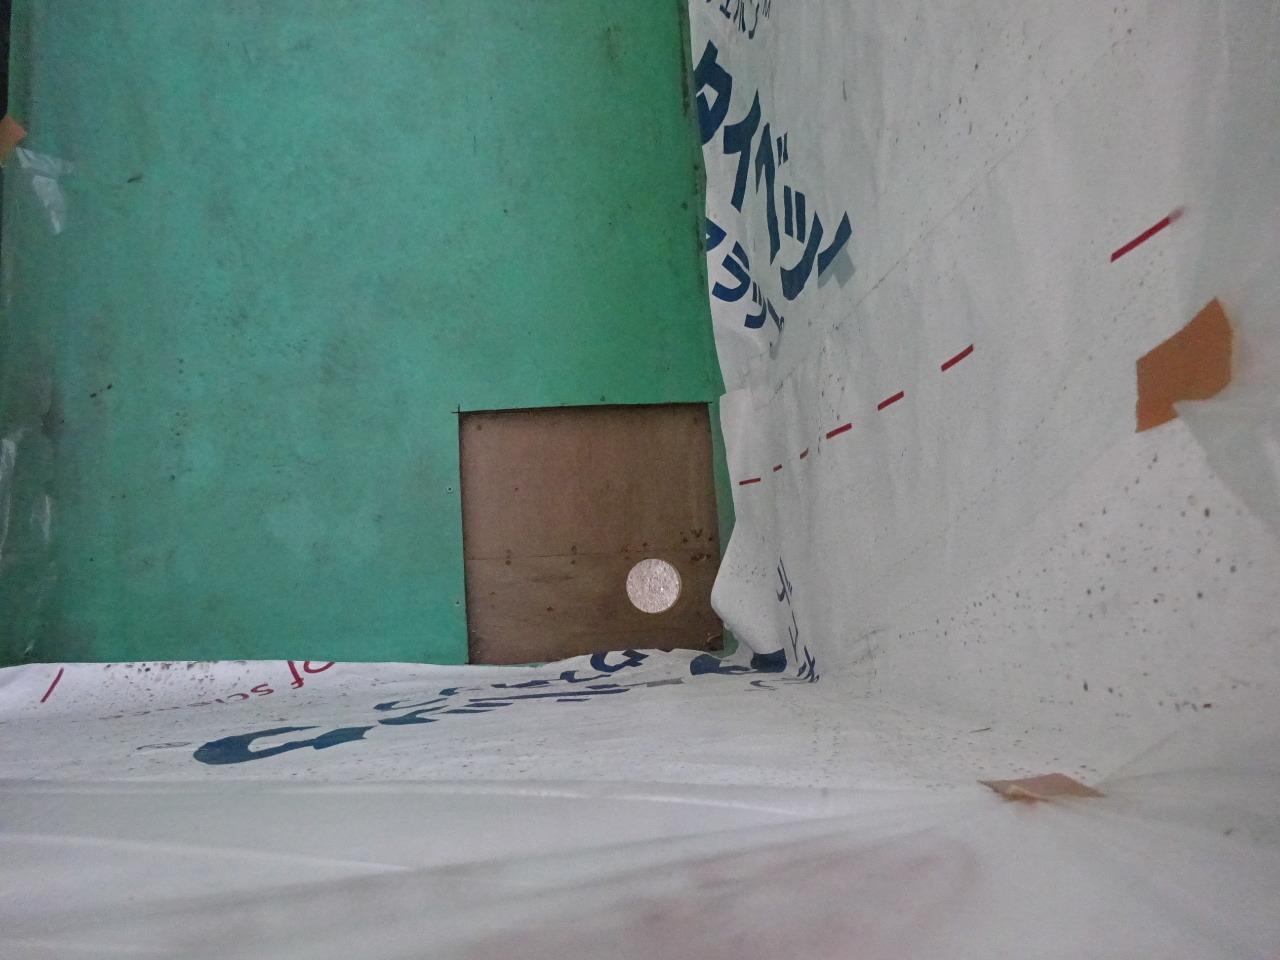 アパートの外装改修工事が進行中です。_f0105112_05300121.jpg